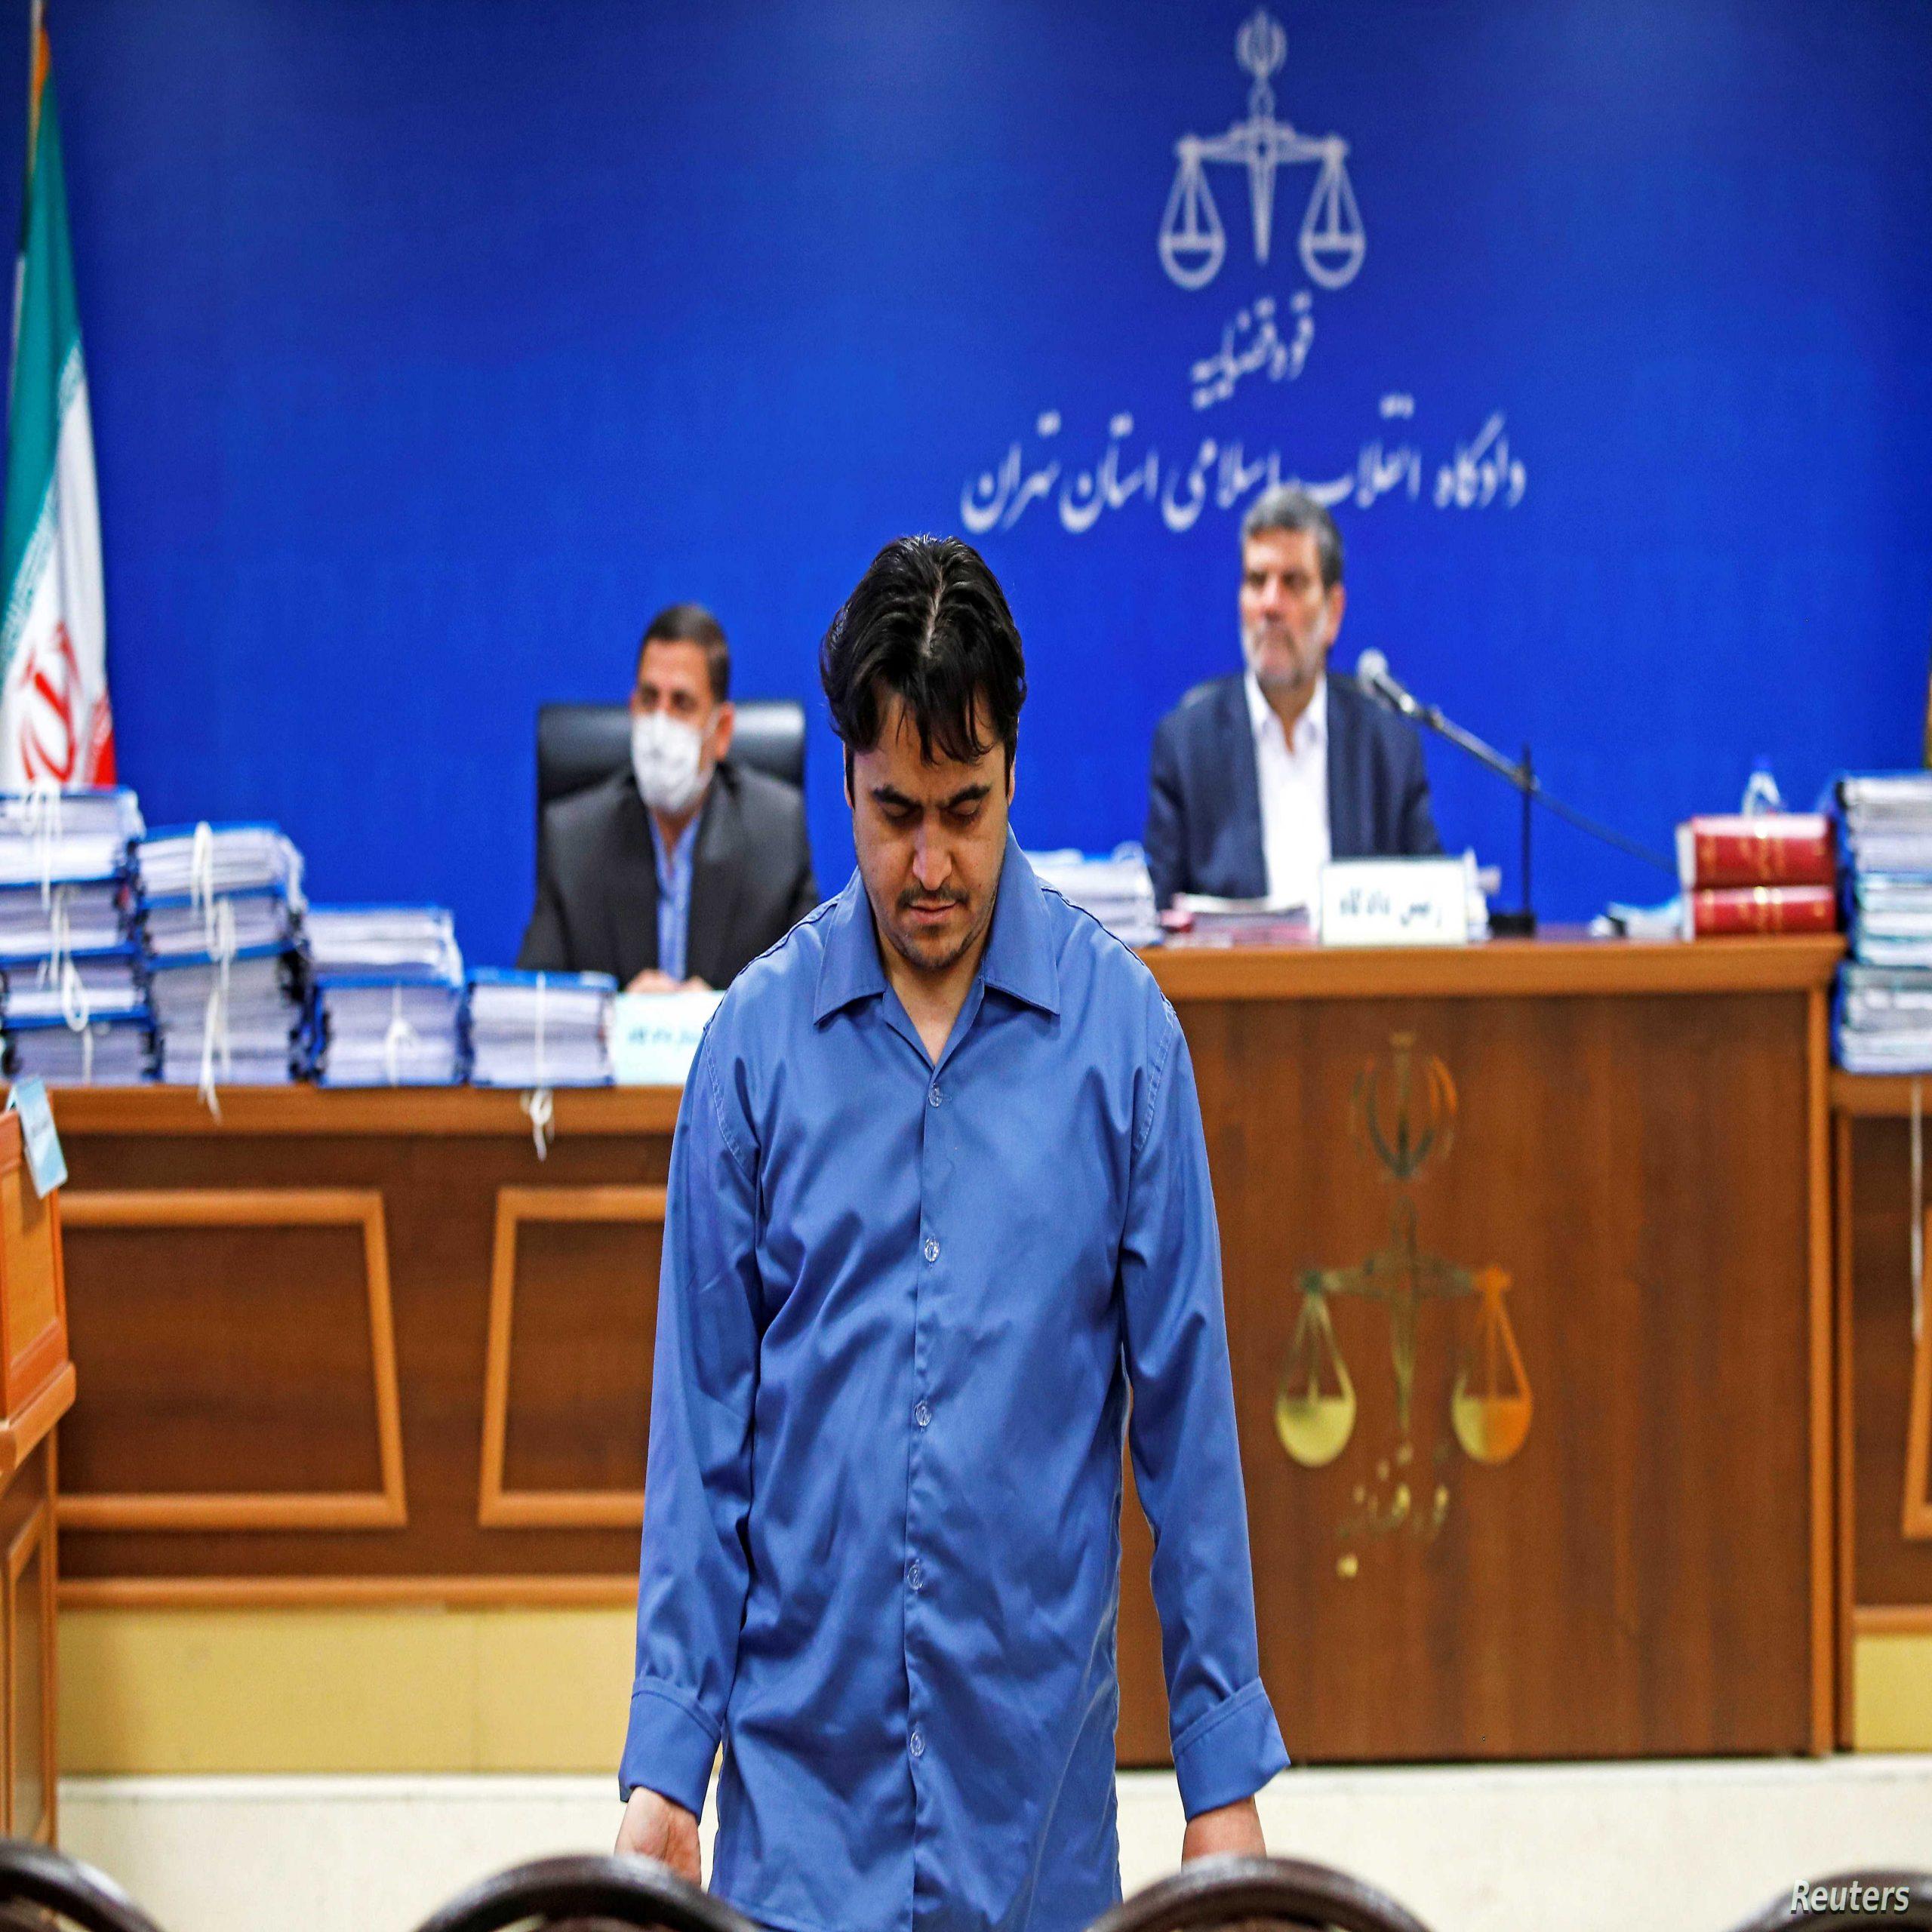 الاتحاد الأوروبي يندد بإعدام المعارض الإيراني روح الله زم